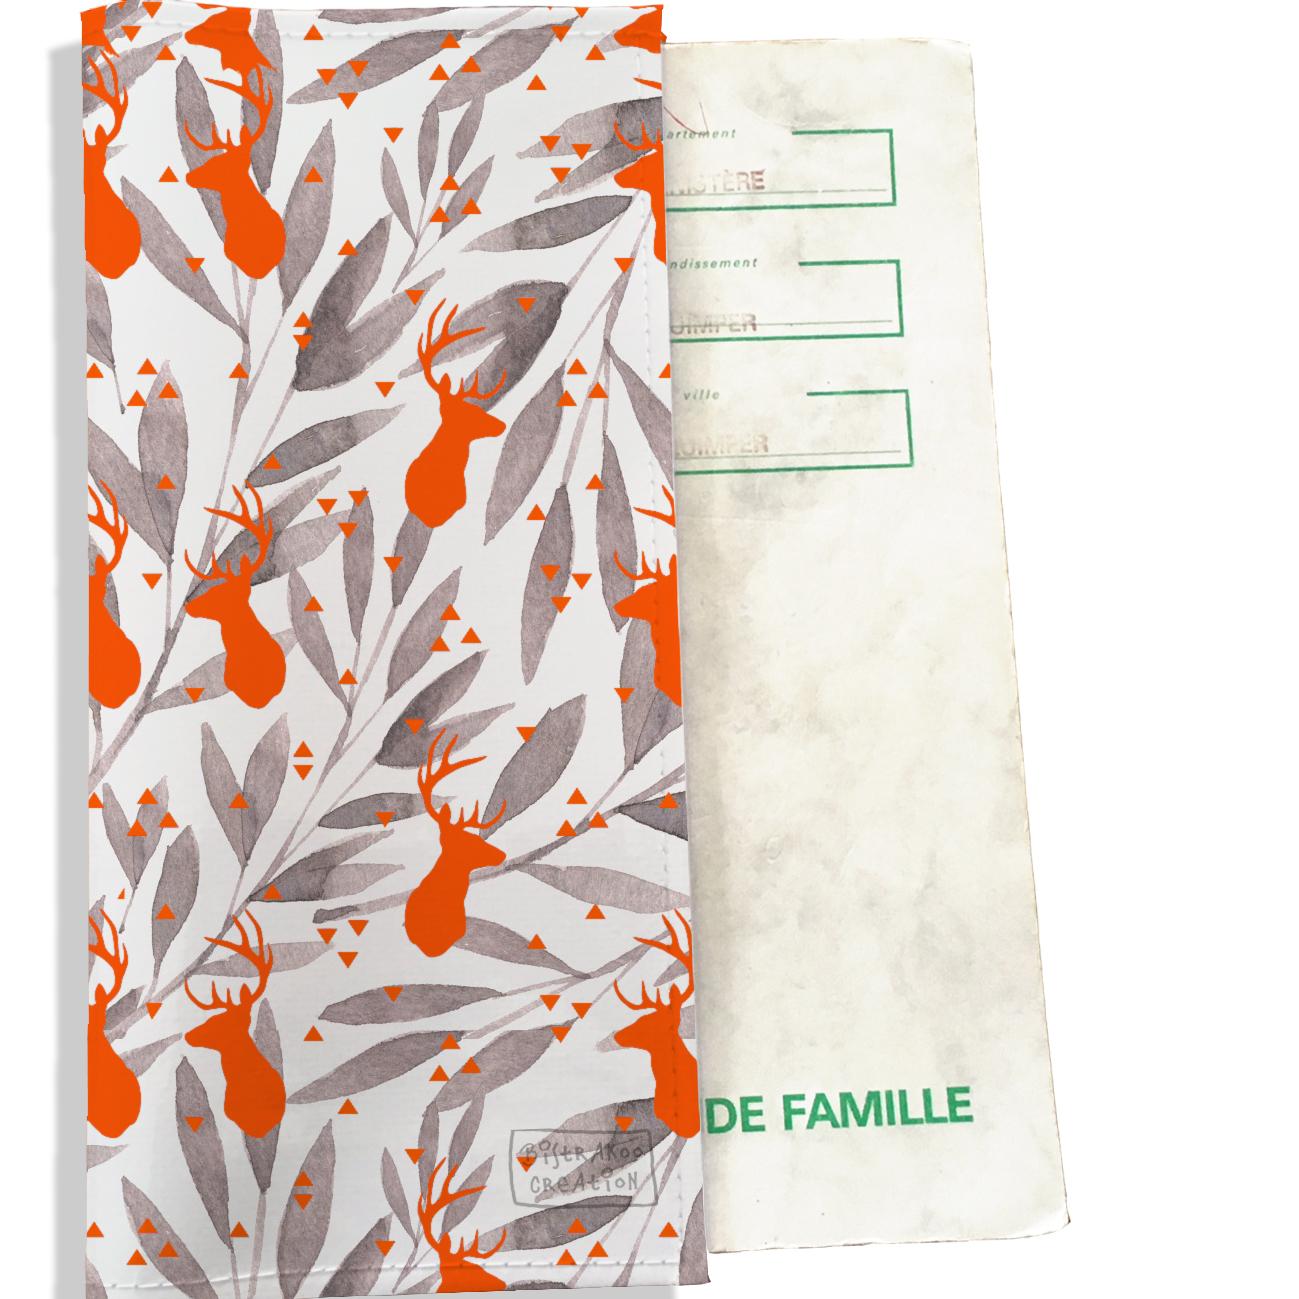 Protège livret de famille motif cerfs orange feuillage gris 2537